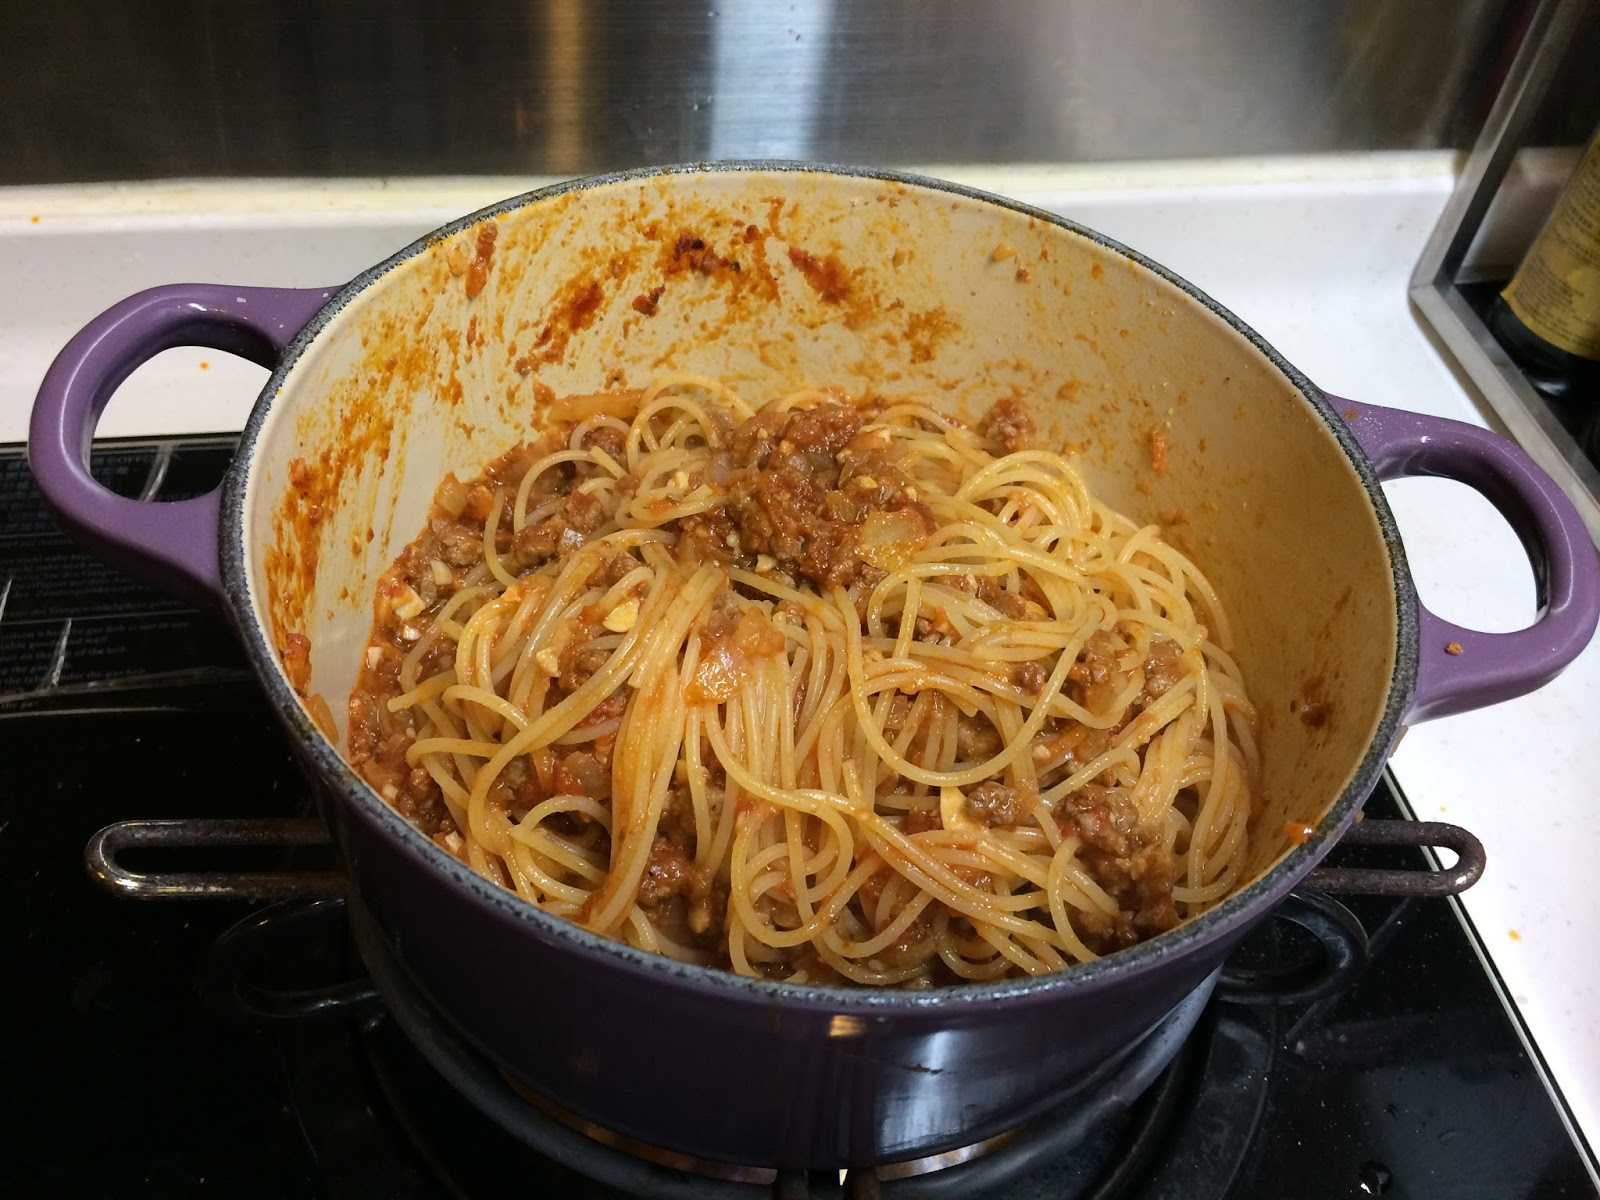 ~CANDICE KITCHEN~自家浪漫美食行: 在家輕鬆吃西餐:簡易意式水煮蛋波隆那肉醬天使麵 (附食譜)